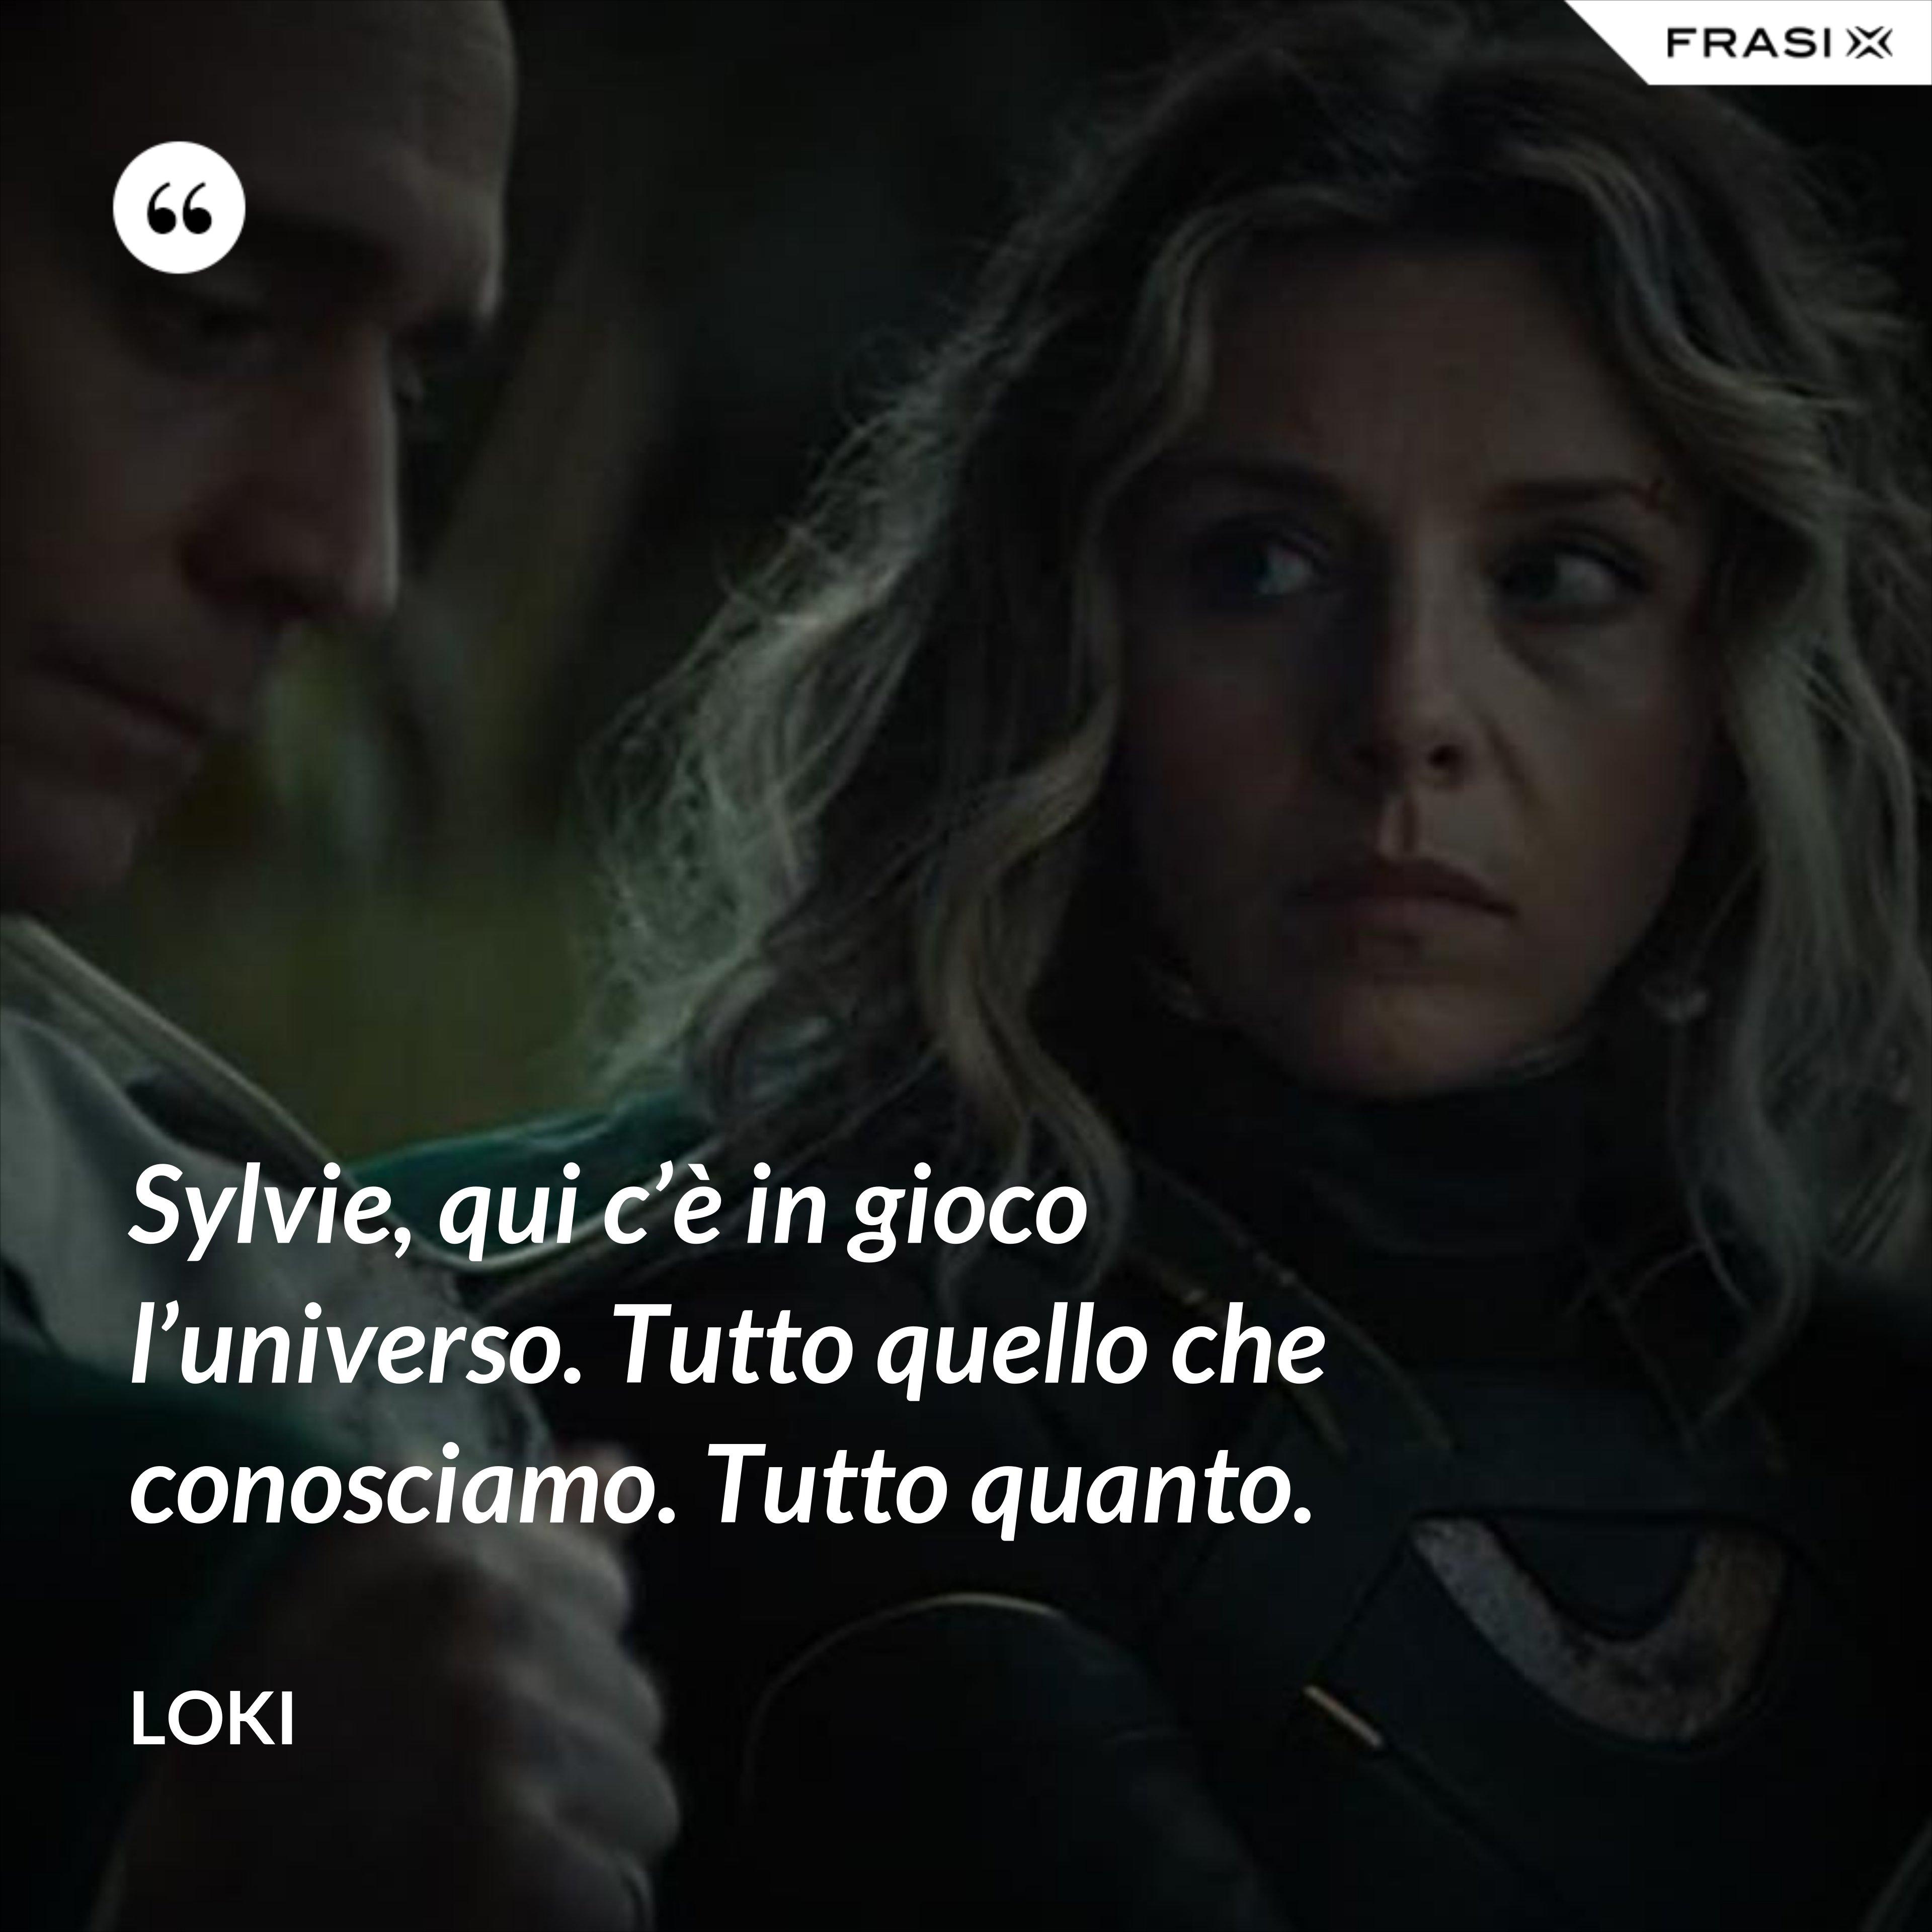 Sylvie, qui c'è in gioco l'universo. Tutto quello che conosciamo. Tutto quanto. - Loki